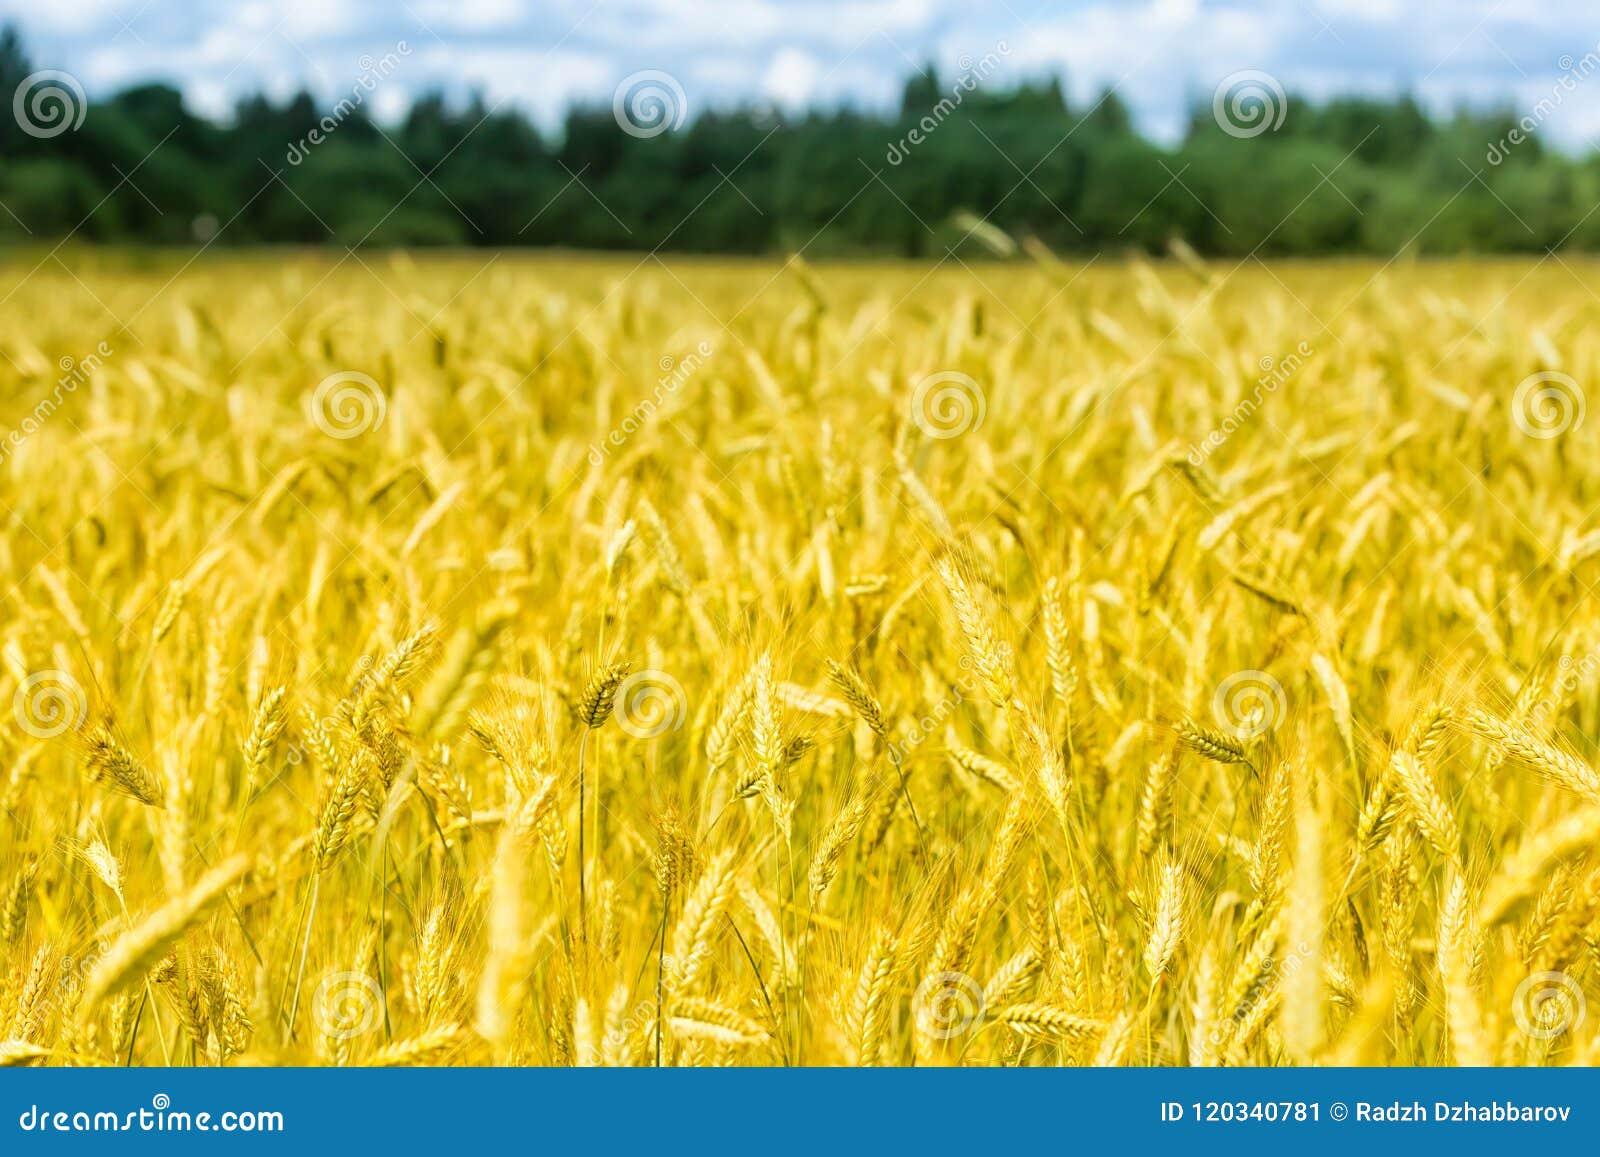 Le macro or met en place le panorama de blé avec le ciel bleu et les nuages, campagne rurale